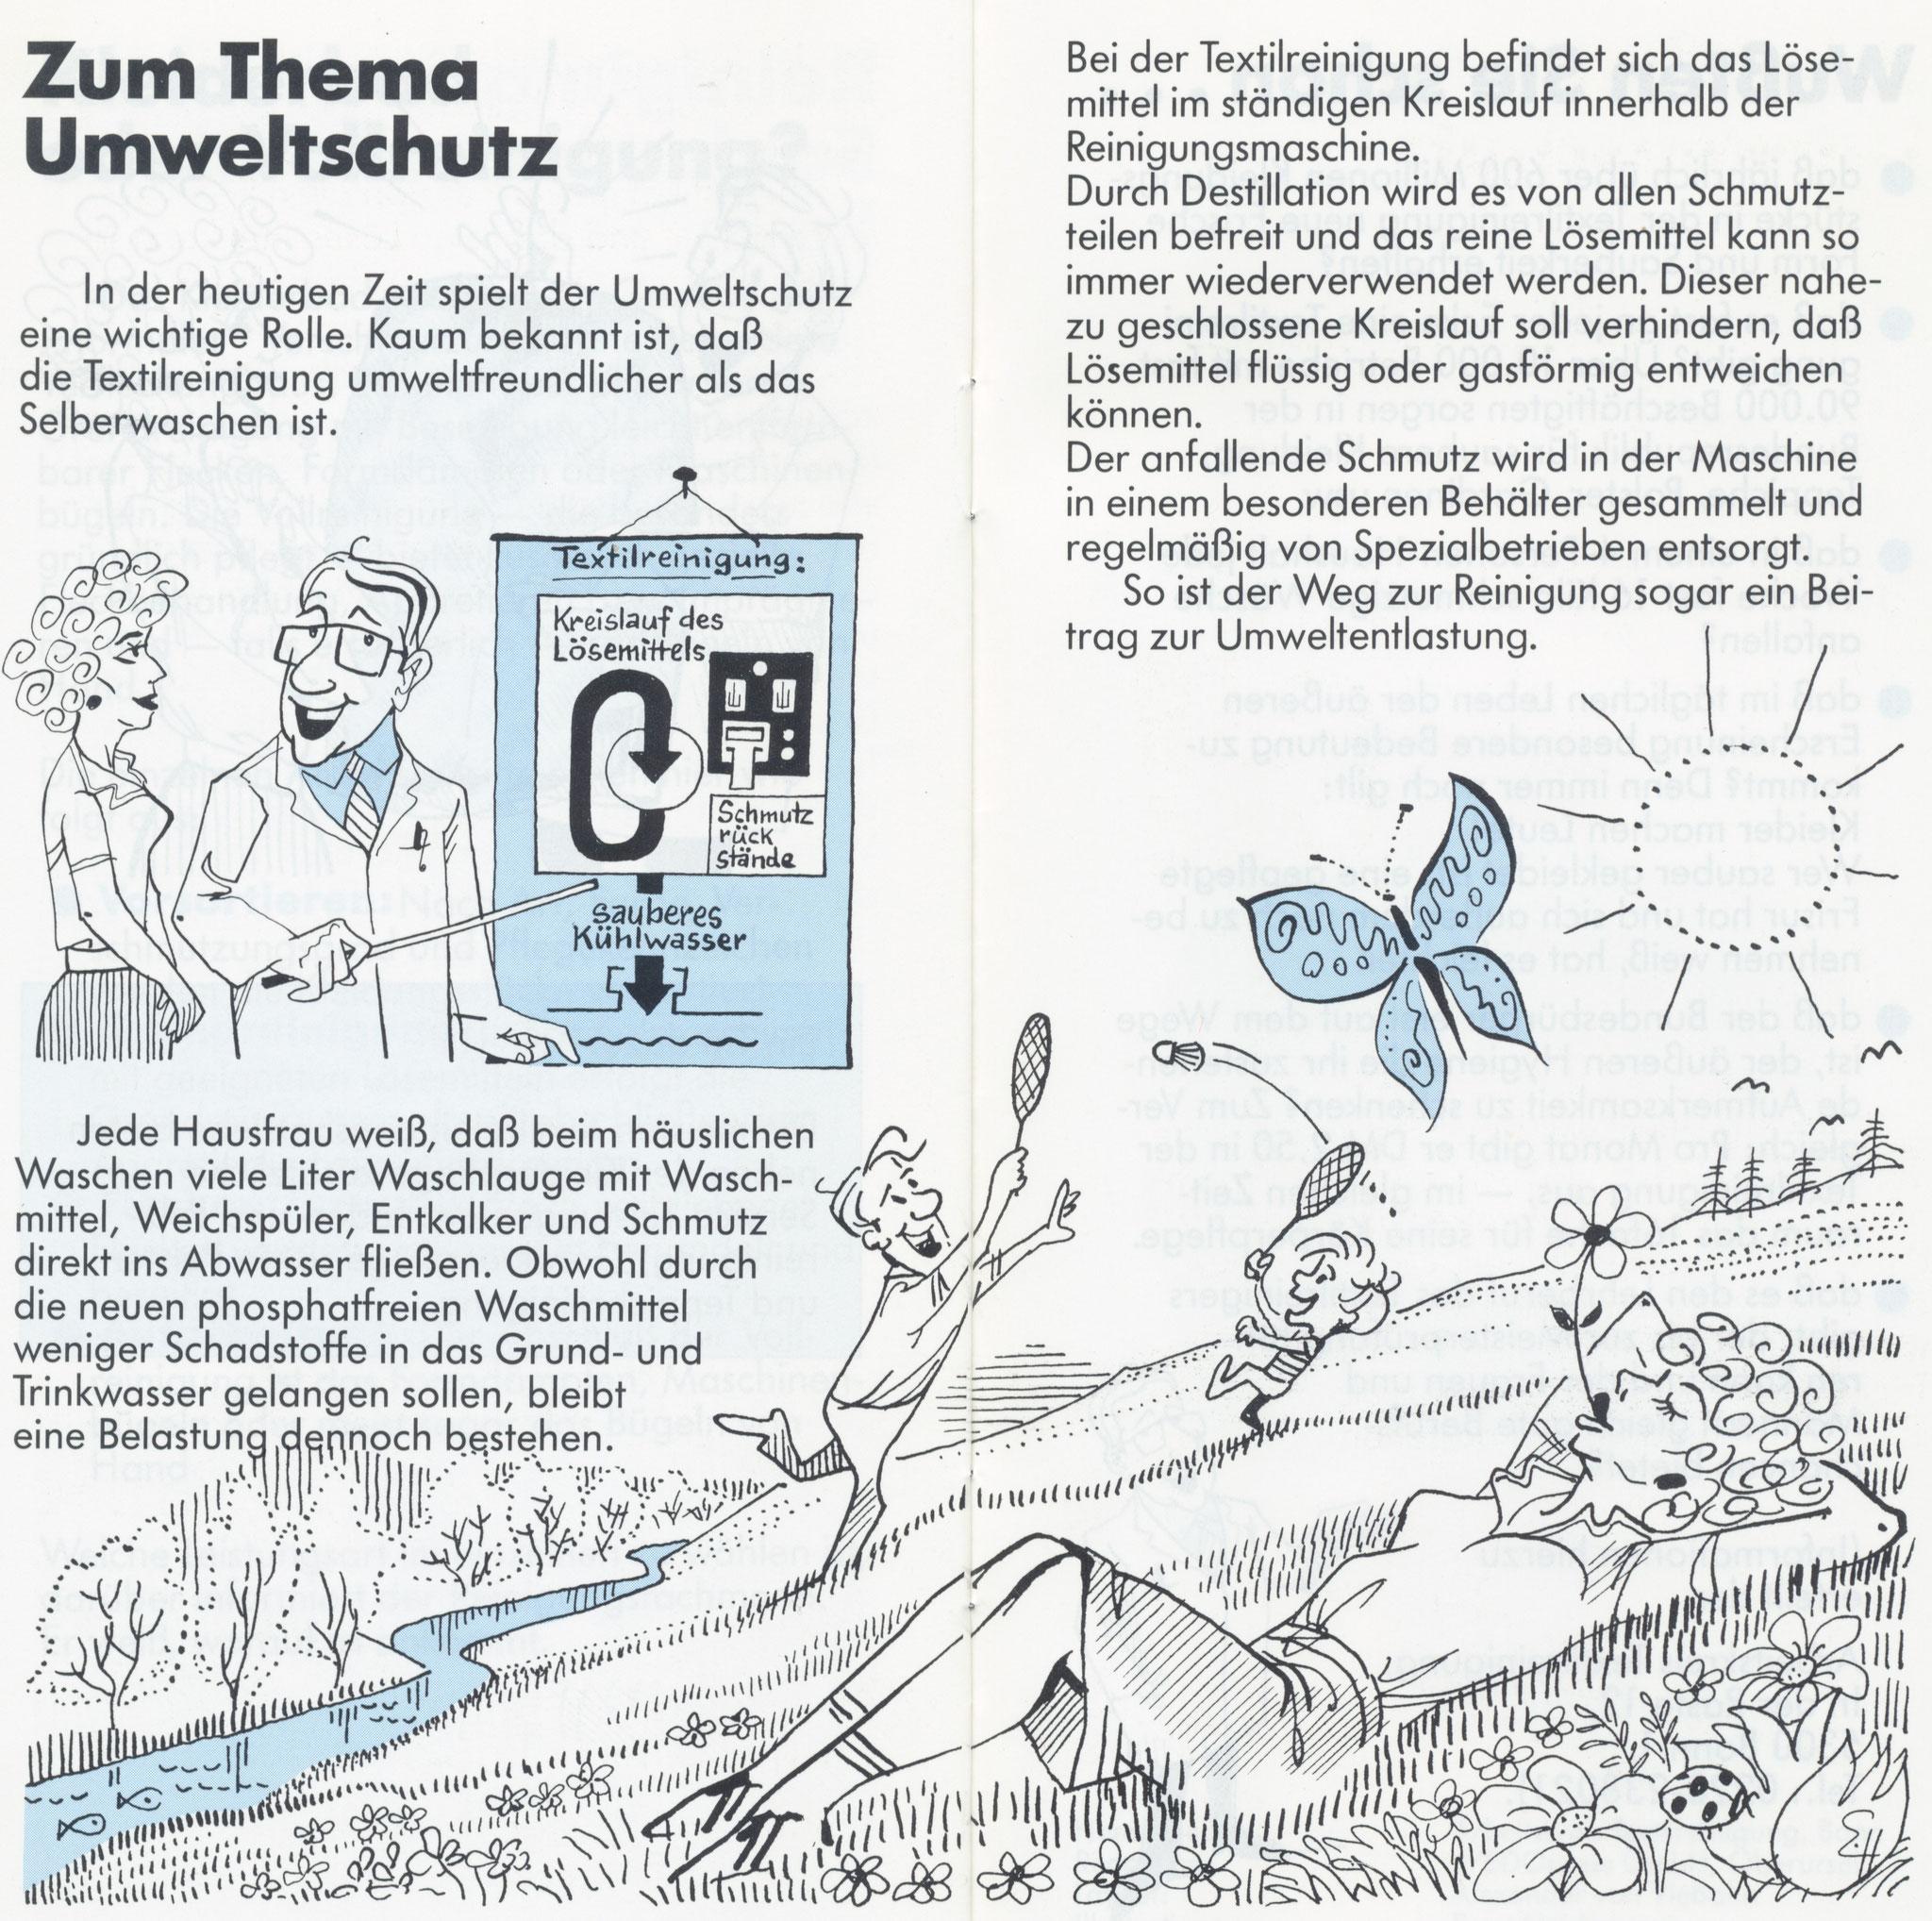 1980 Müden Arbeitskreis Textilreinigung:  Seite 10, Thema Umweltschutz